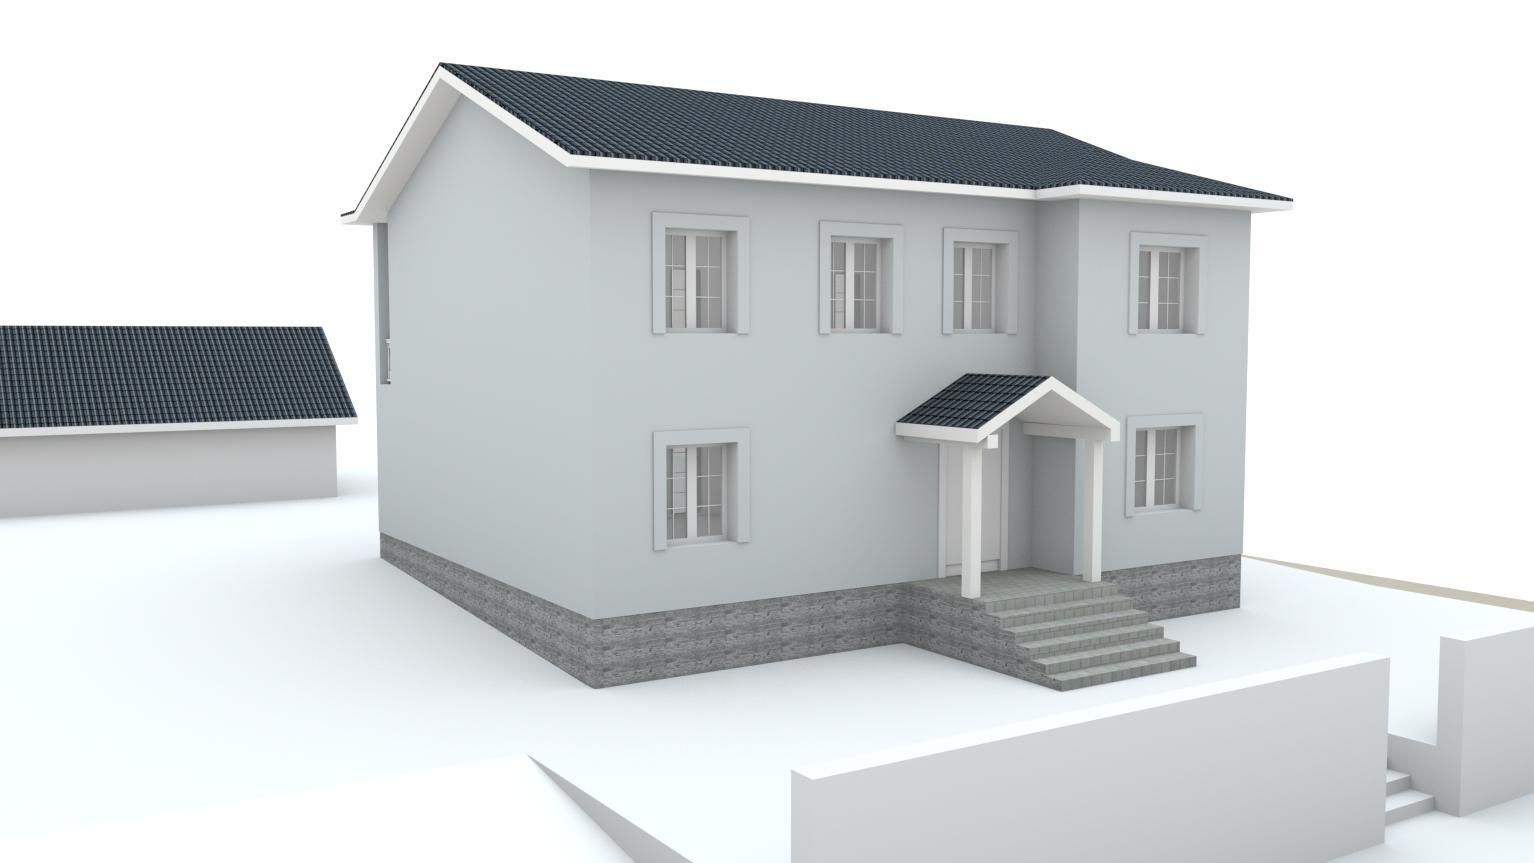 Návrh fasády rodinného domu Bratislava - Obrázok č. 15